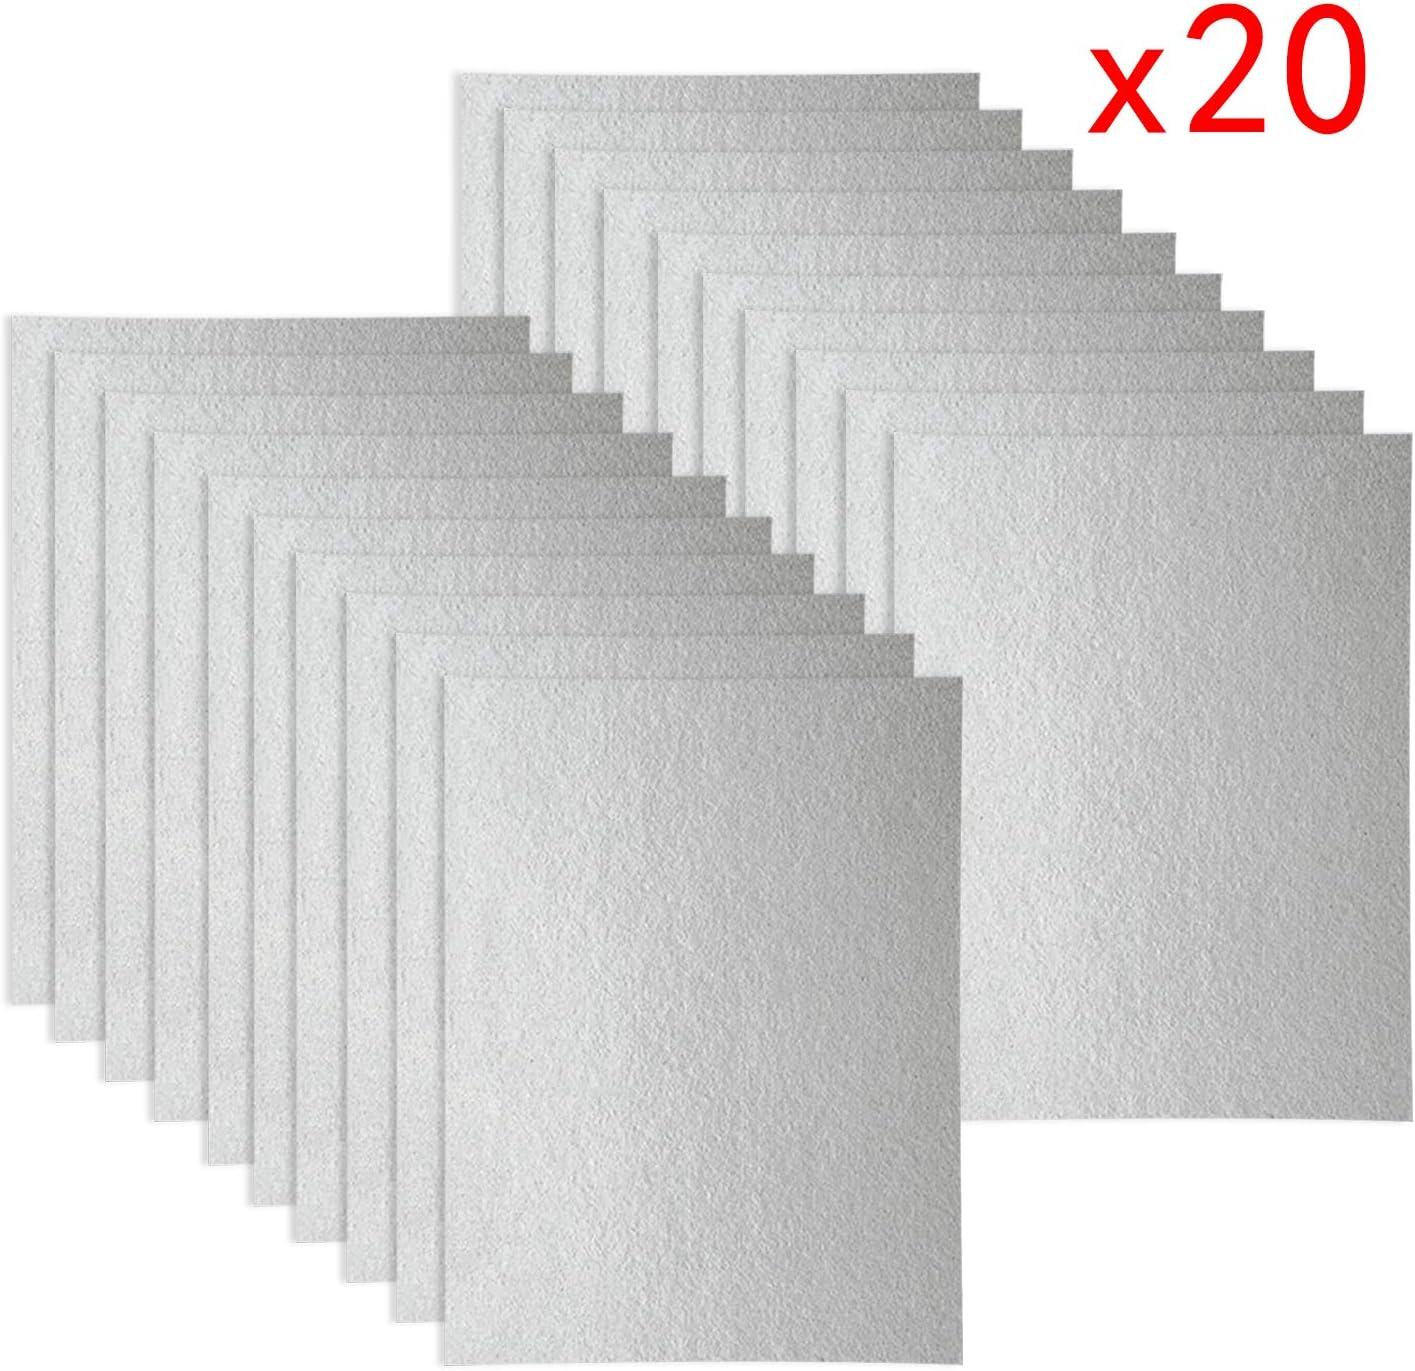 20 fundas de Waveguide, hoja universal para horno microondas, corte a medida, 150 x 120 mm